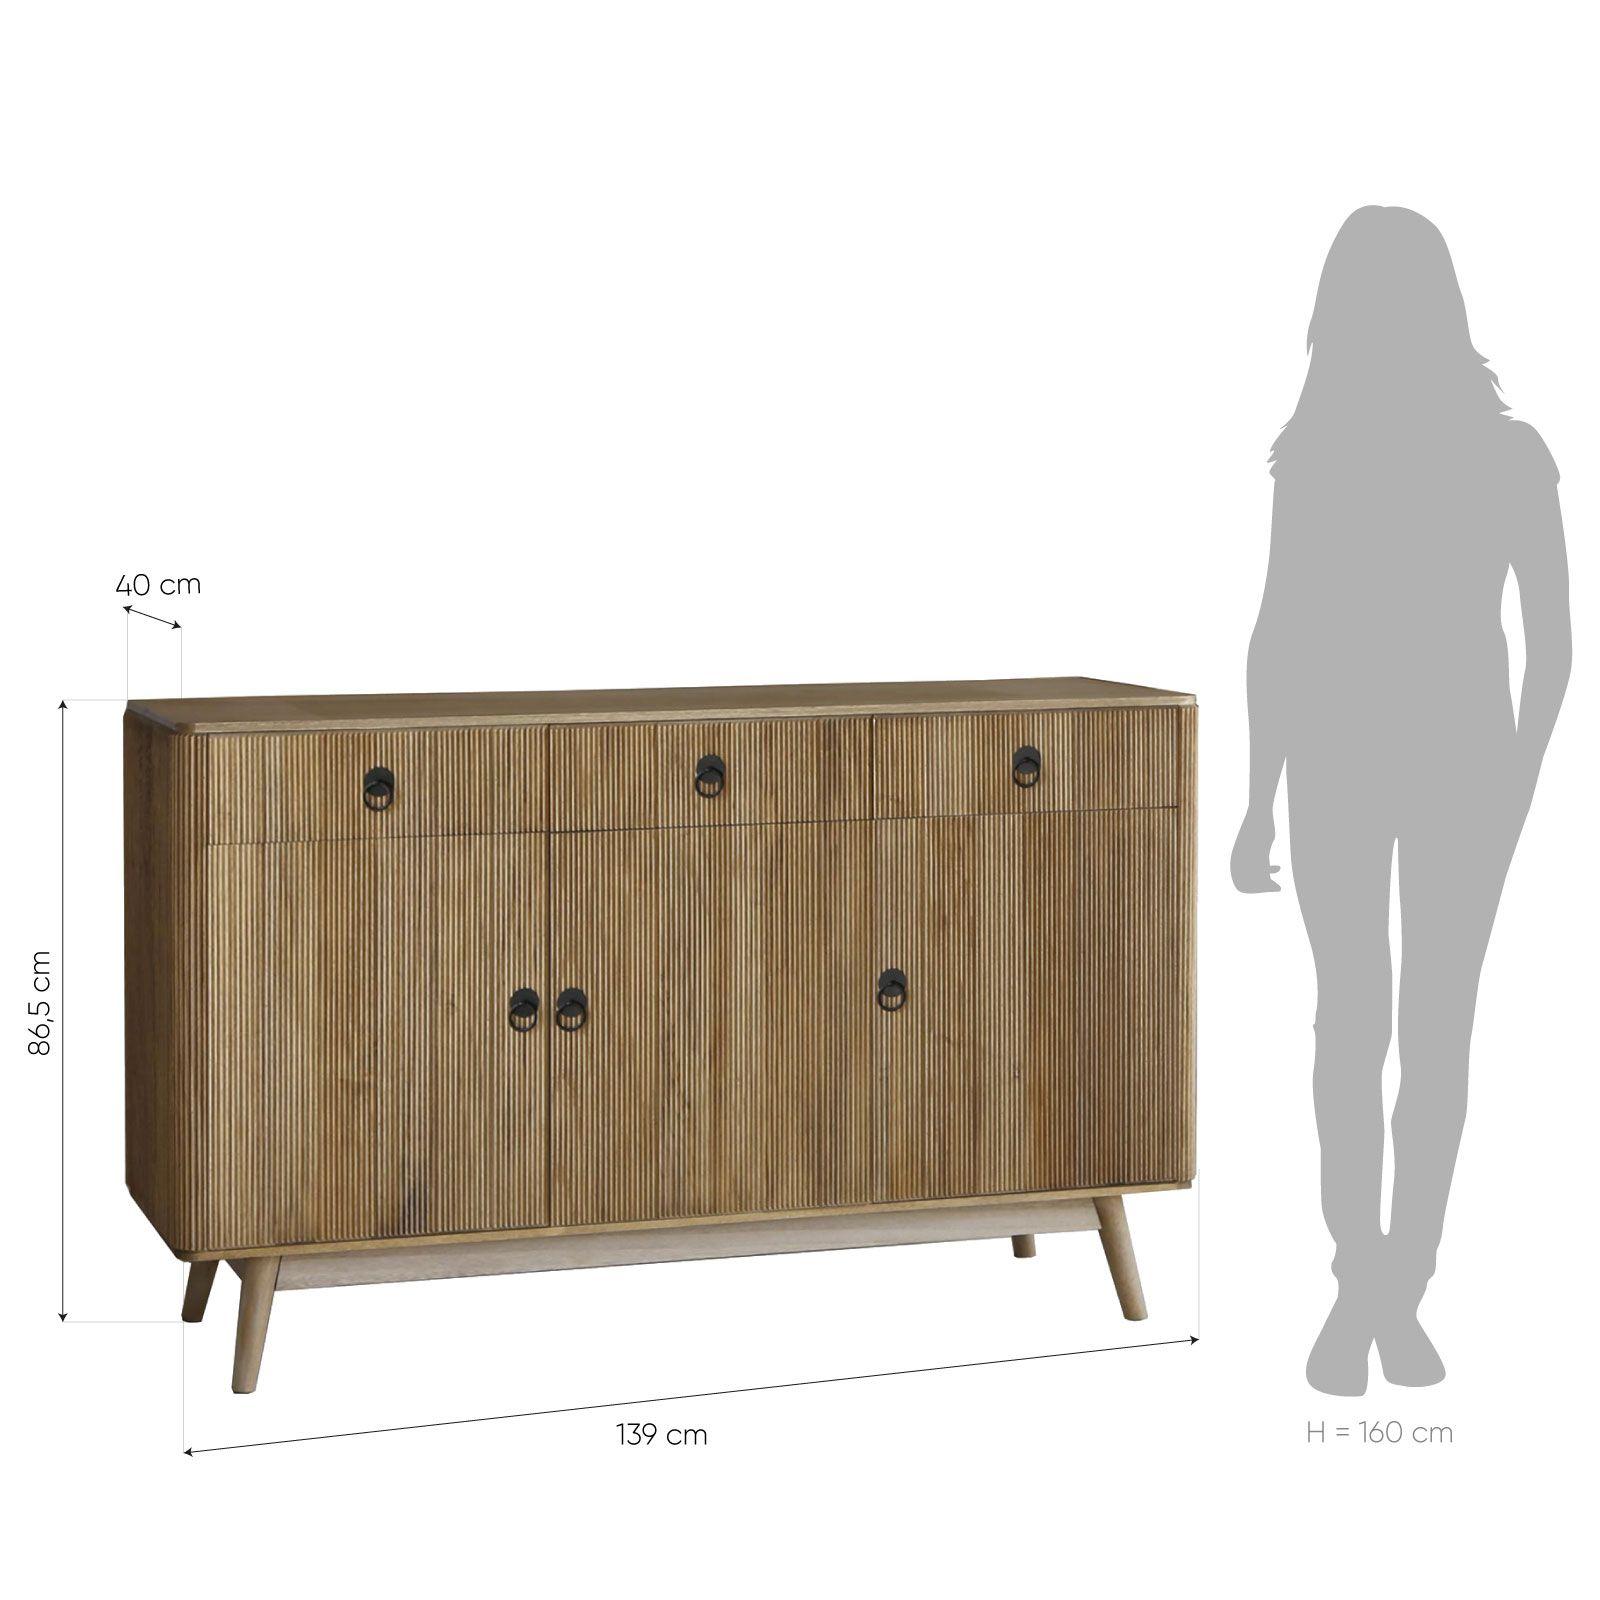 Buffet en bois de paulownia (139 x 40 x 86.5) | Série Lessime